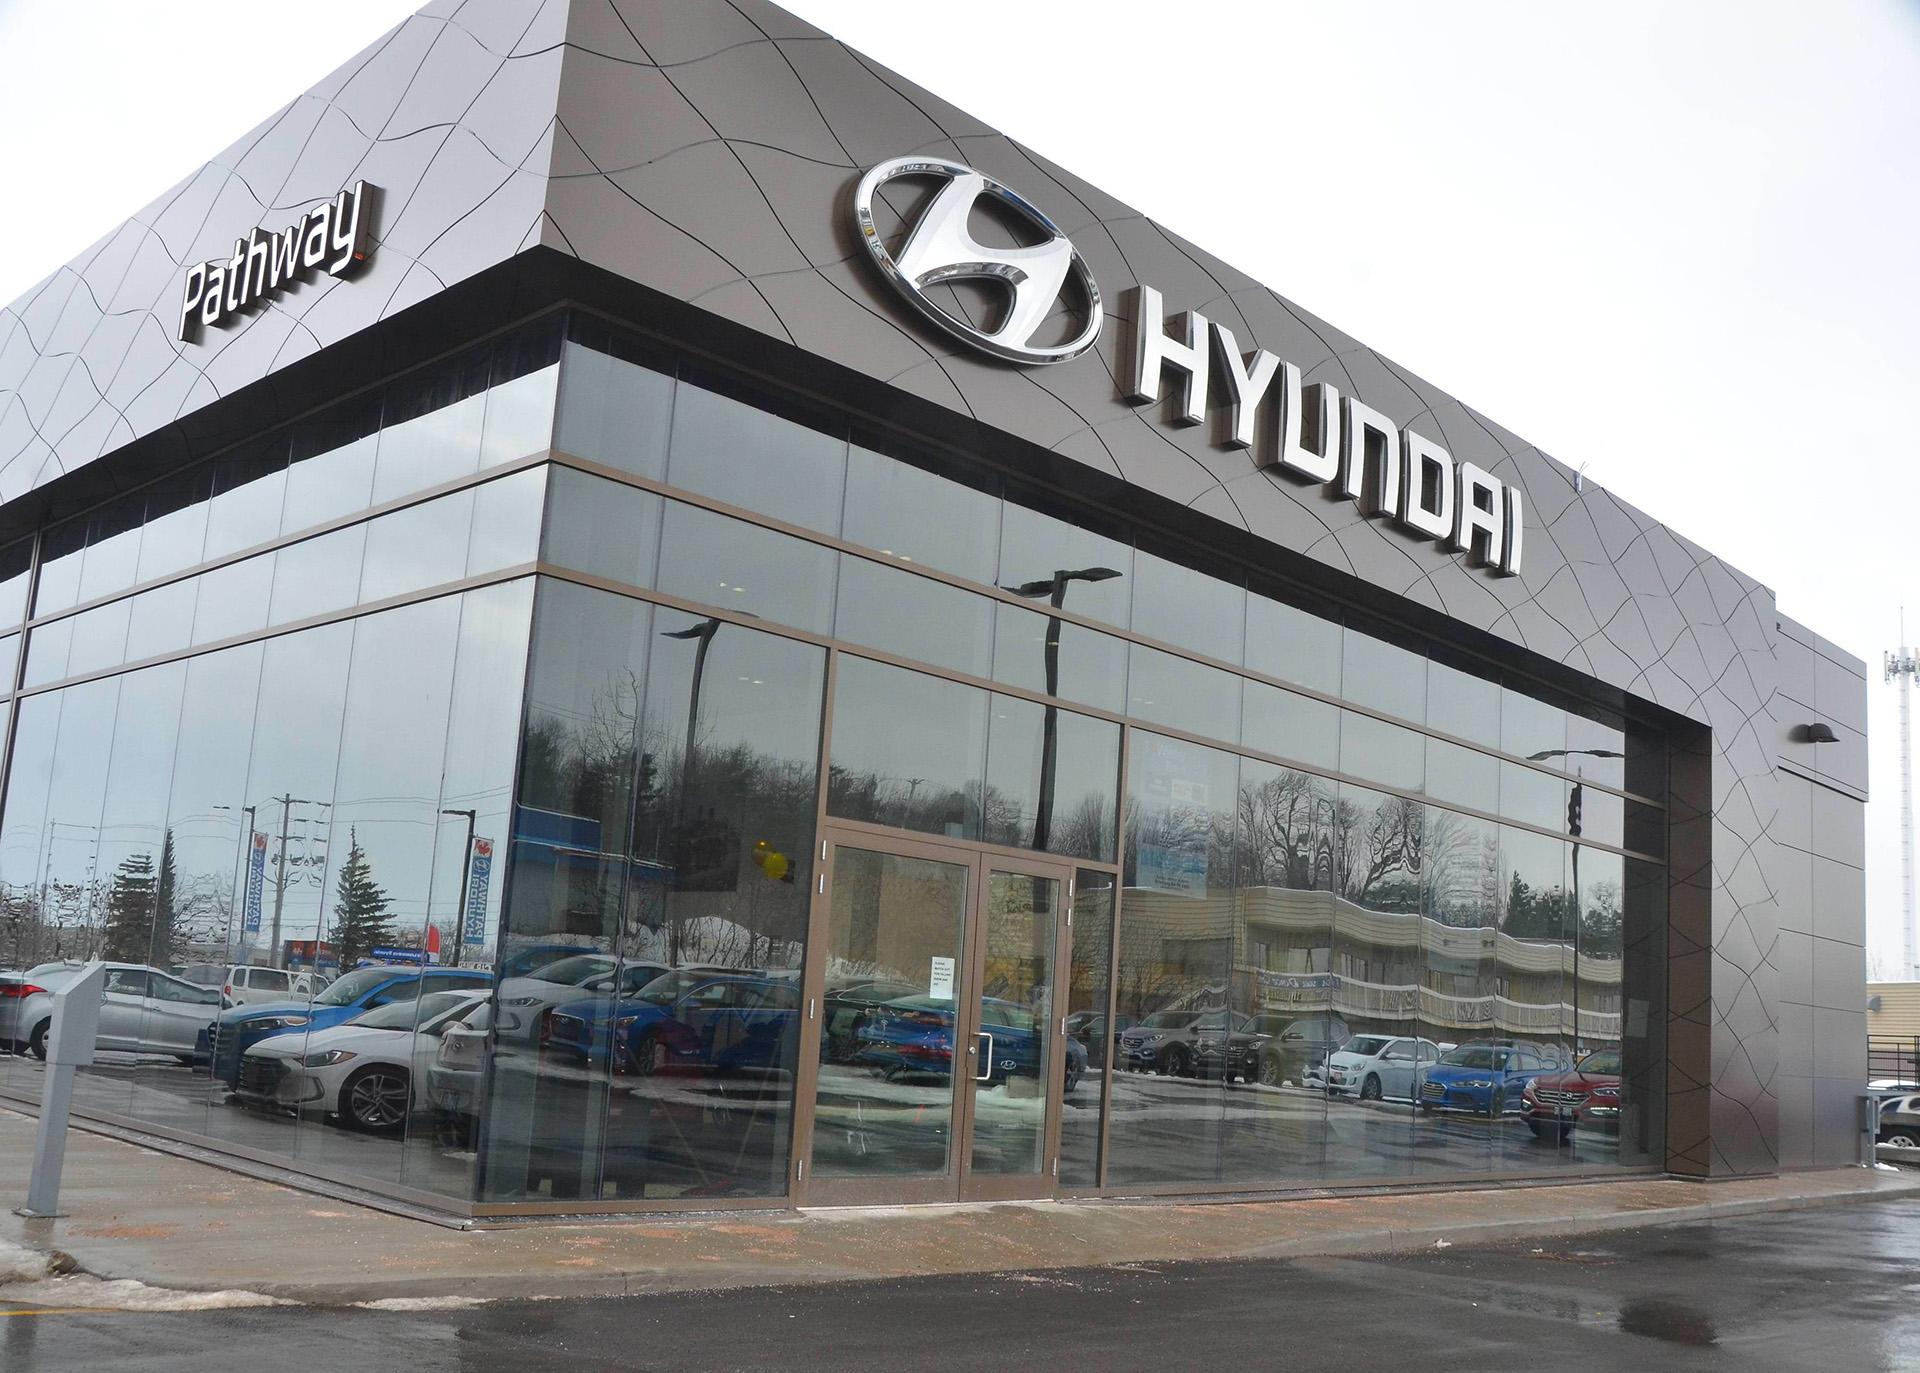 Pathway Hyundai Showroom with Logo